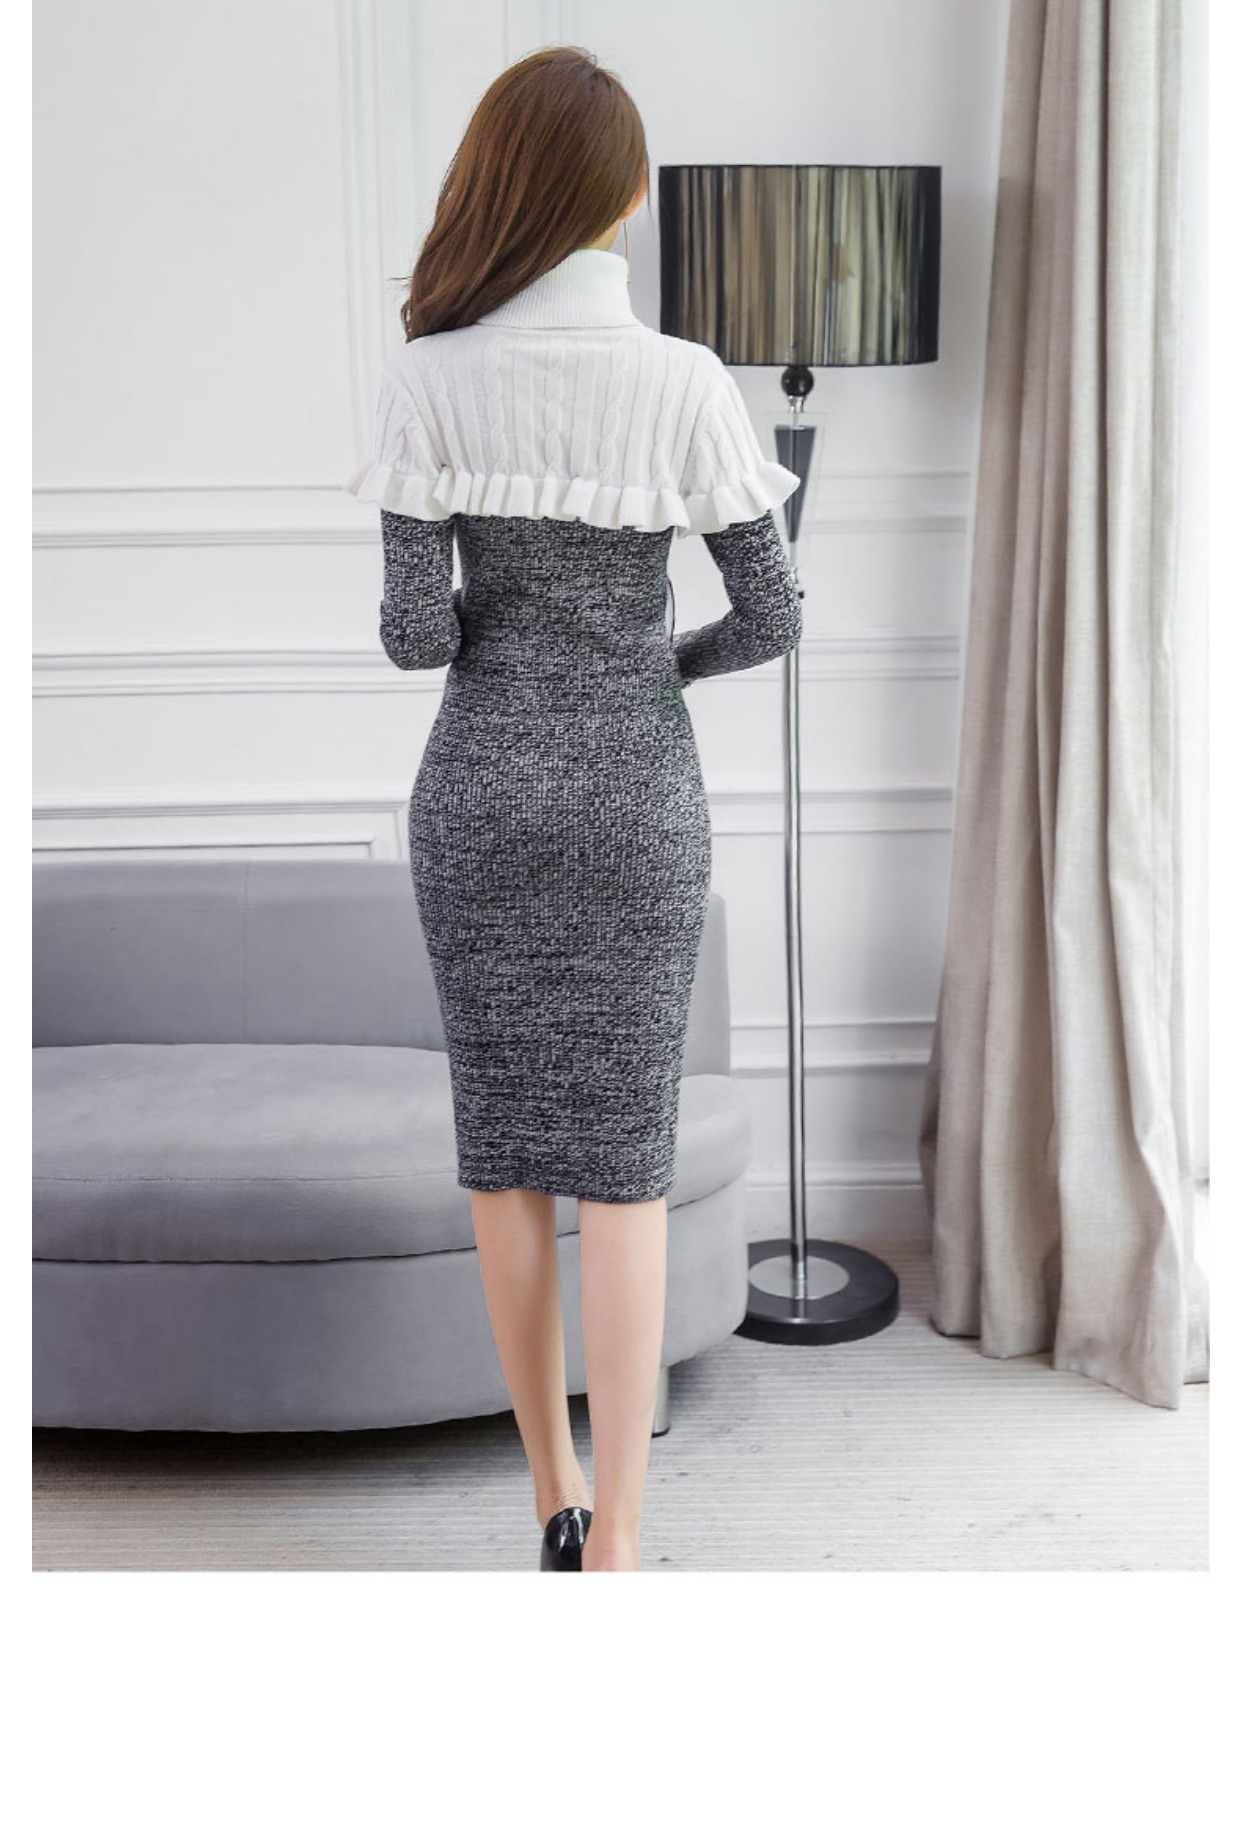 高仿圣罗兰ysl2018新款修身打底针织连衣裙高领QHU432 第15张